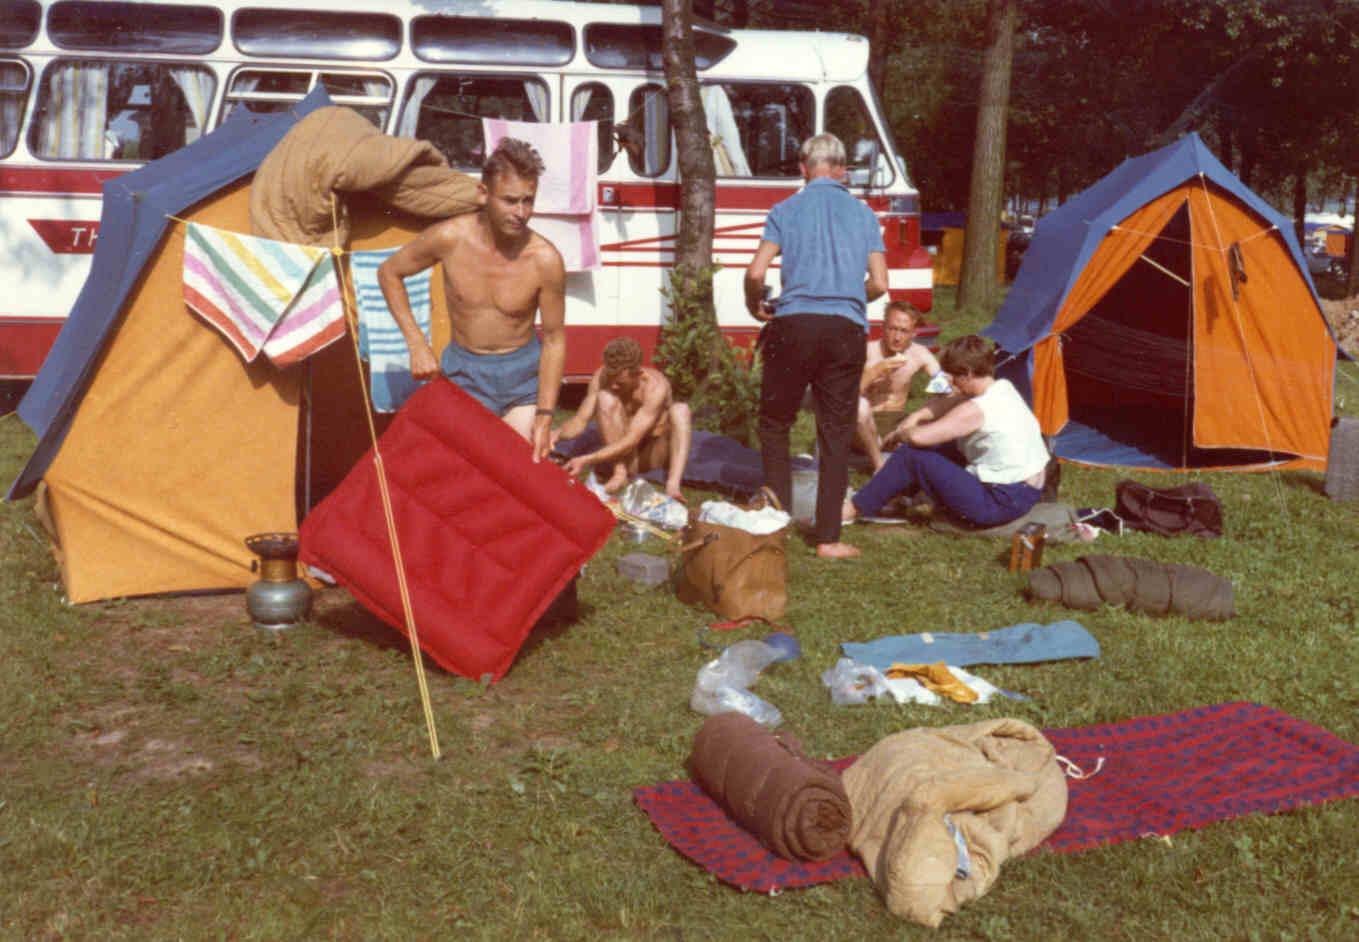 IMG_0003_Leikarringen_Noreg_Tyskland_1968.jpg